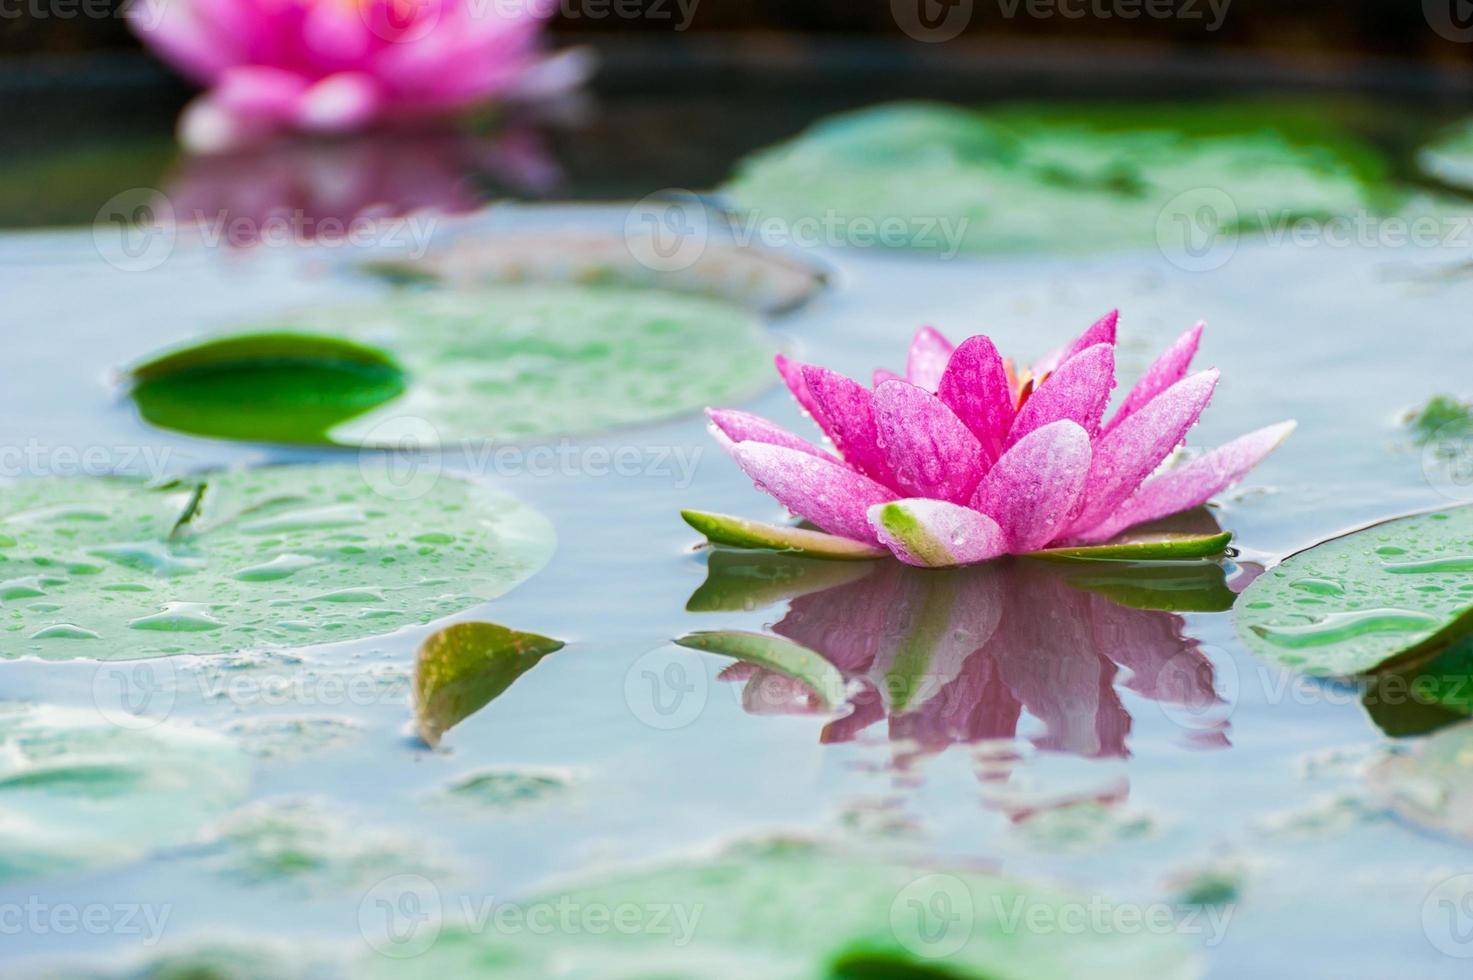 hermosa nenúfar o flor de loto en un estanque foto